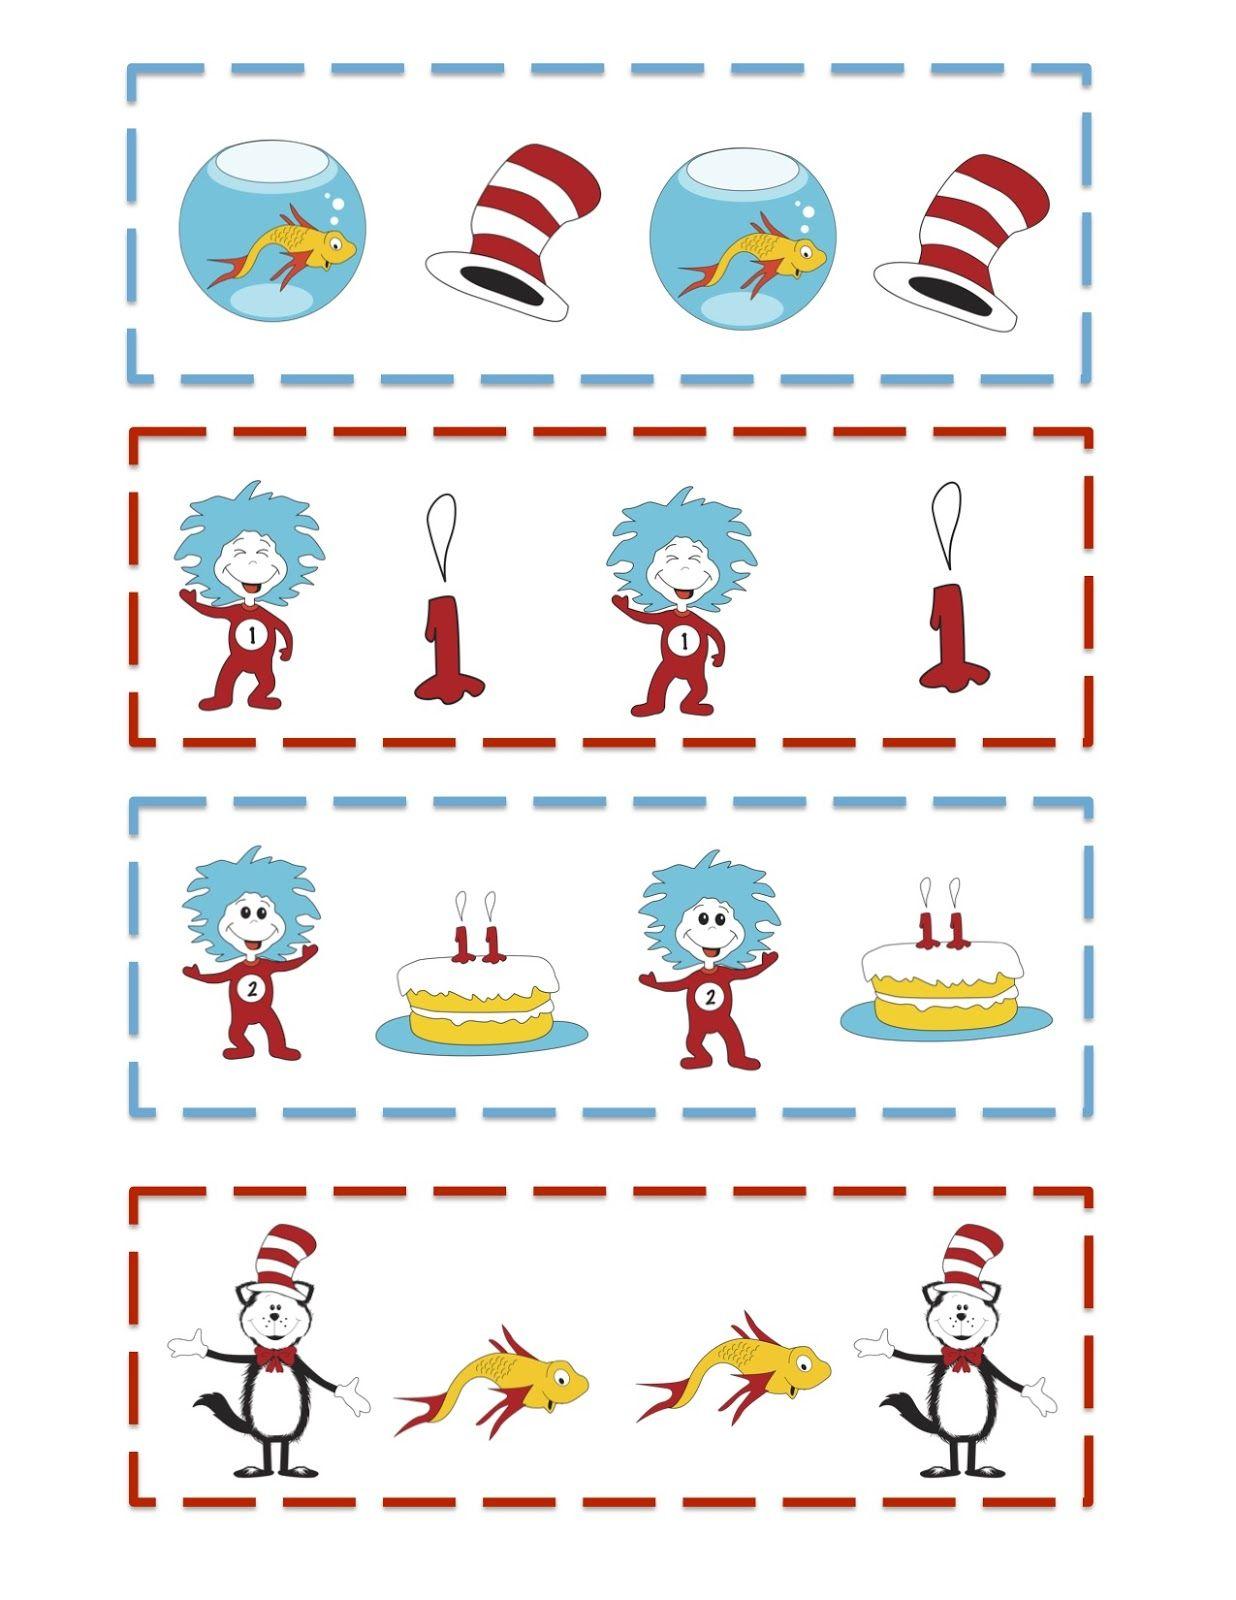 Dr Seuss Nursery Rhymes Thenurseries